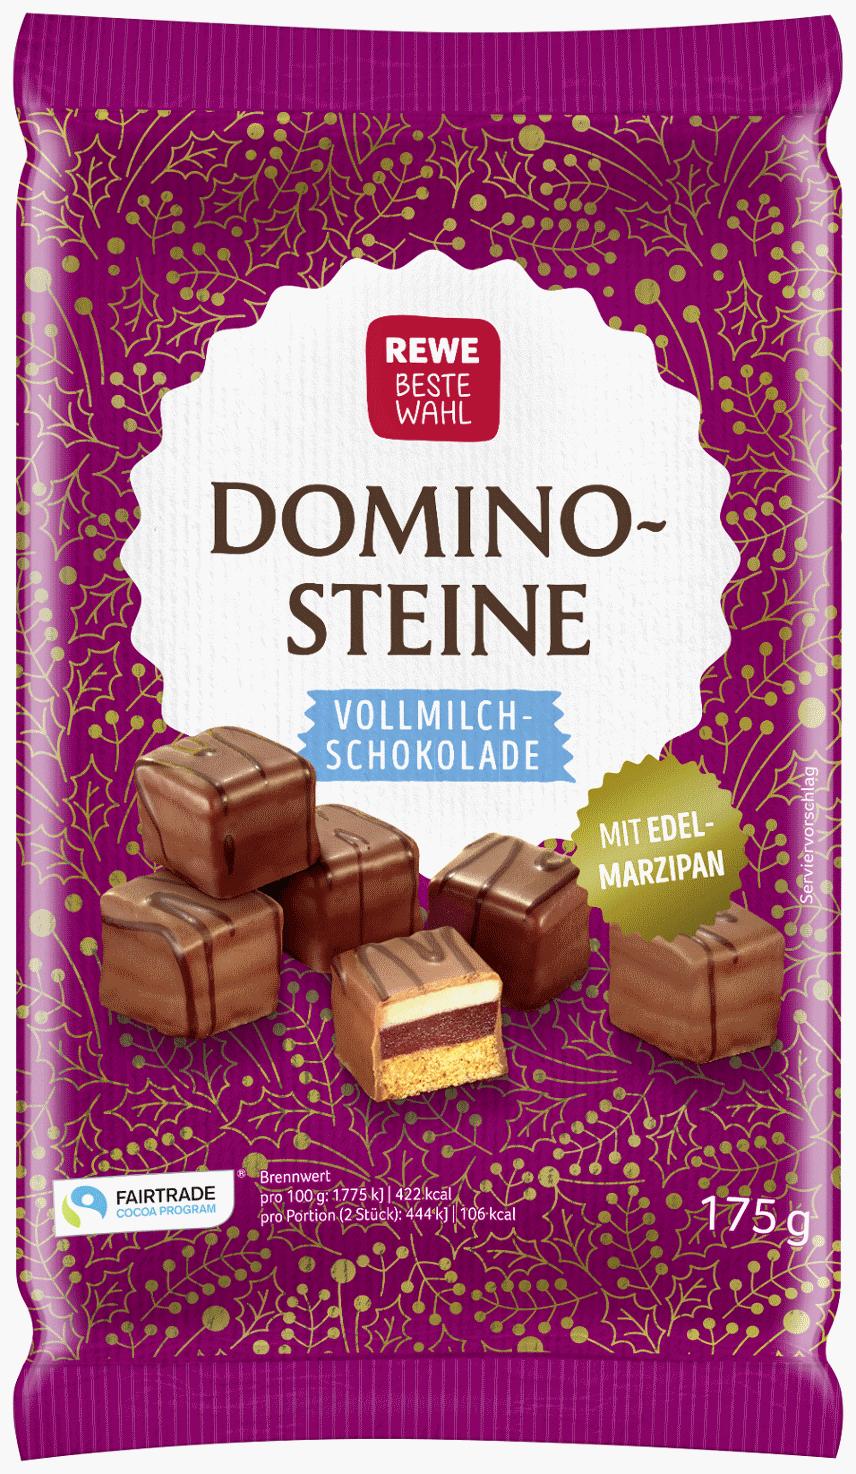 Dominosteine mit Vollmilchschokolade